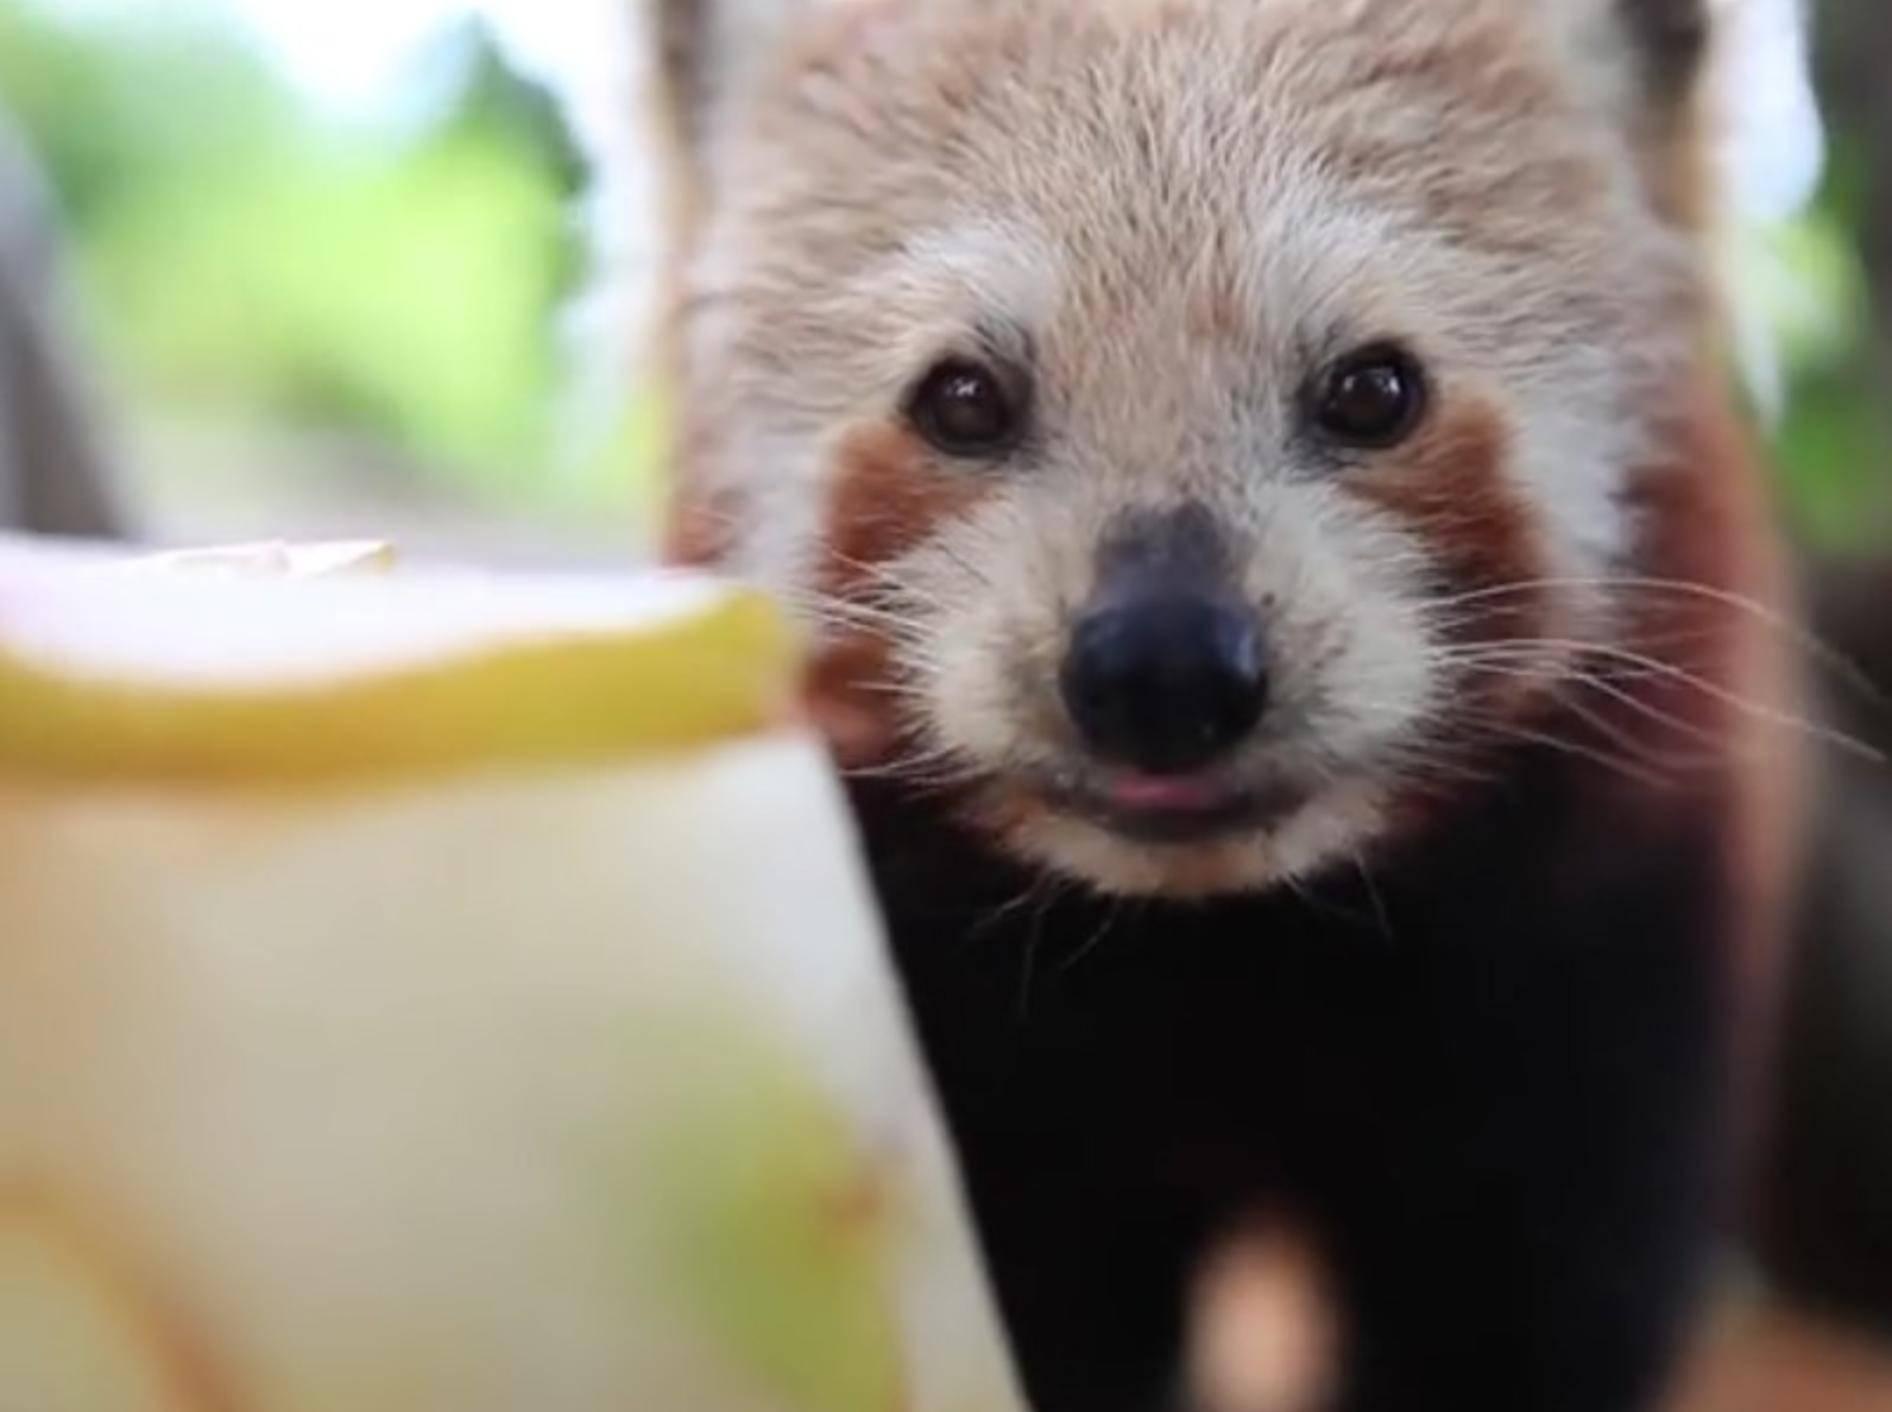 Dieser Kleine Panda feiert seinen Geburtstag mit einem leckeren Geschenk – YouTube / Symbio Wildlife Park